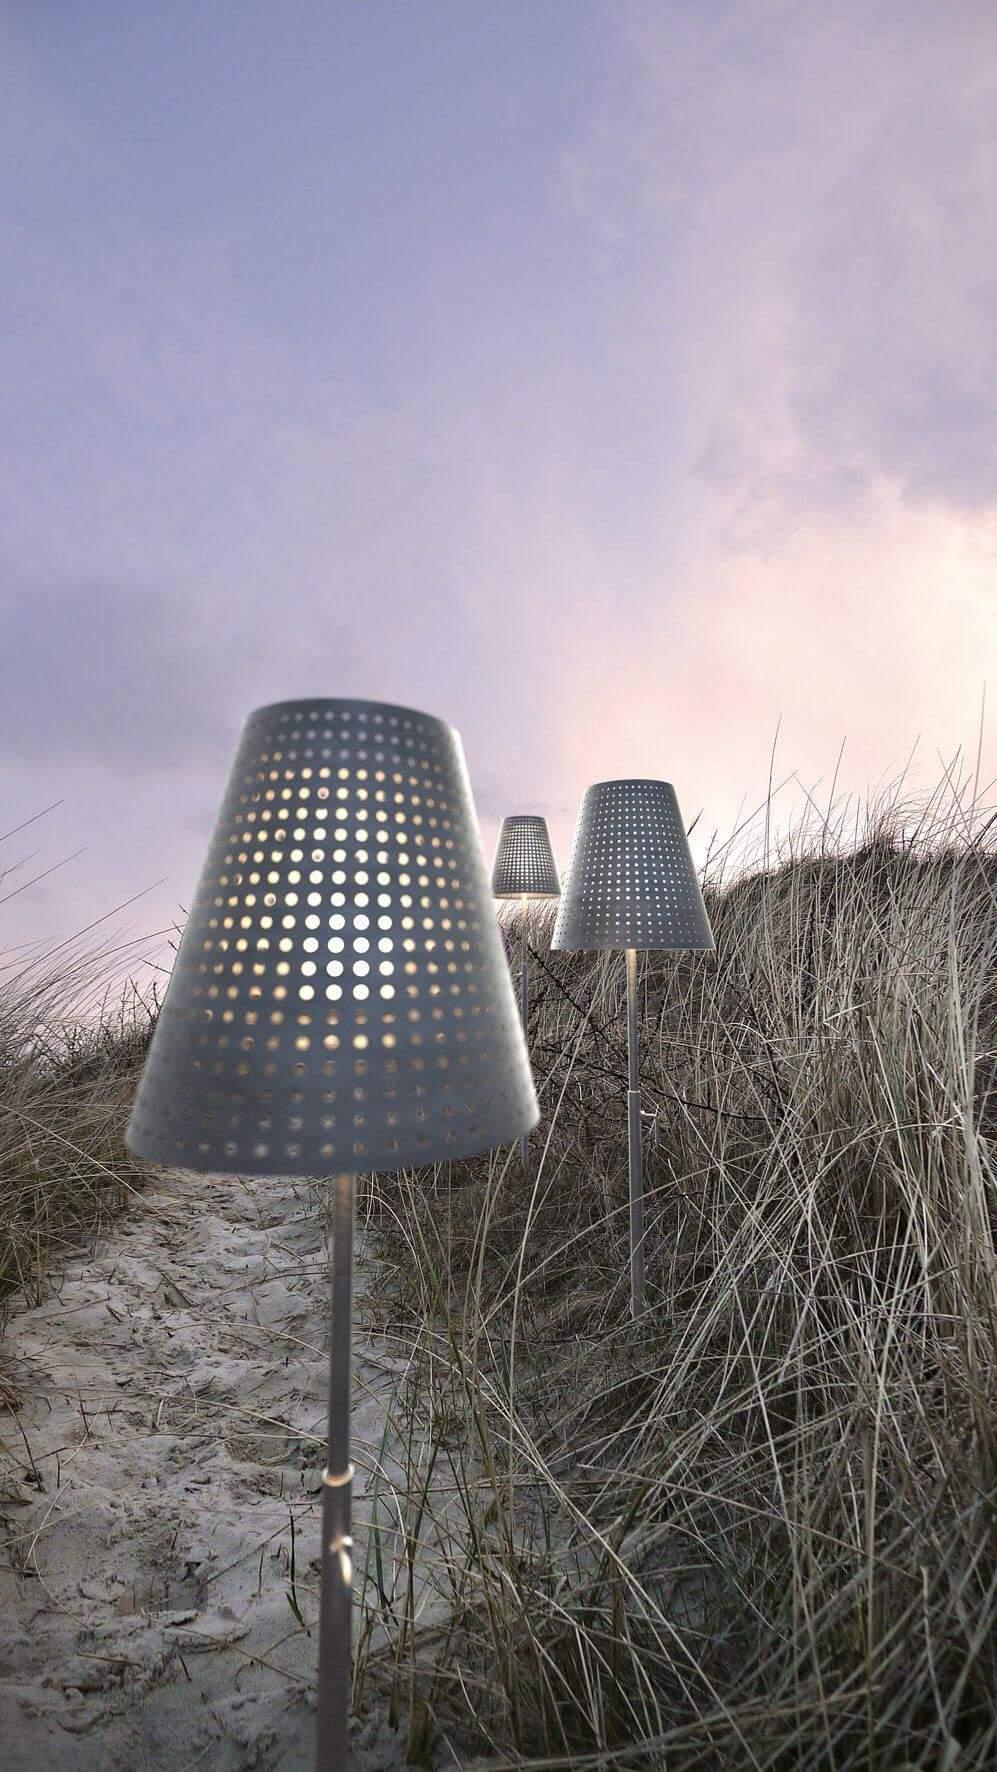 Garten Stehleuchte Das Beste Von Industrielle Stehlampe Weglampe Fuse